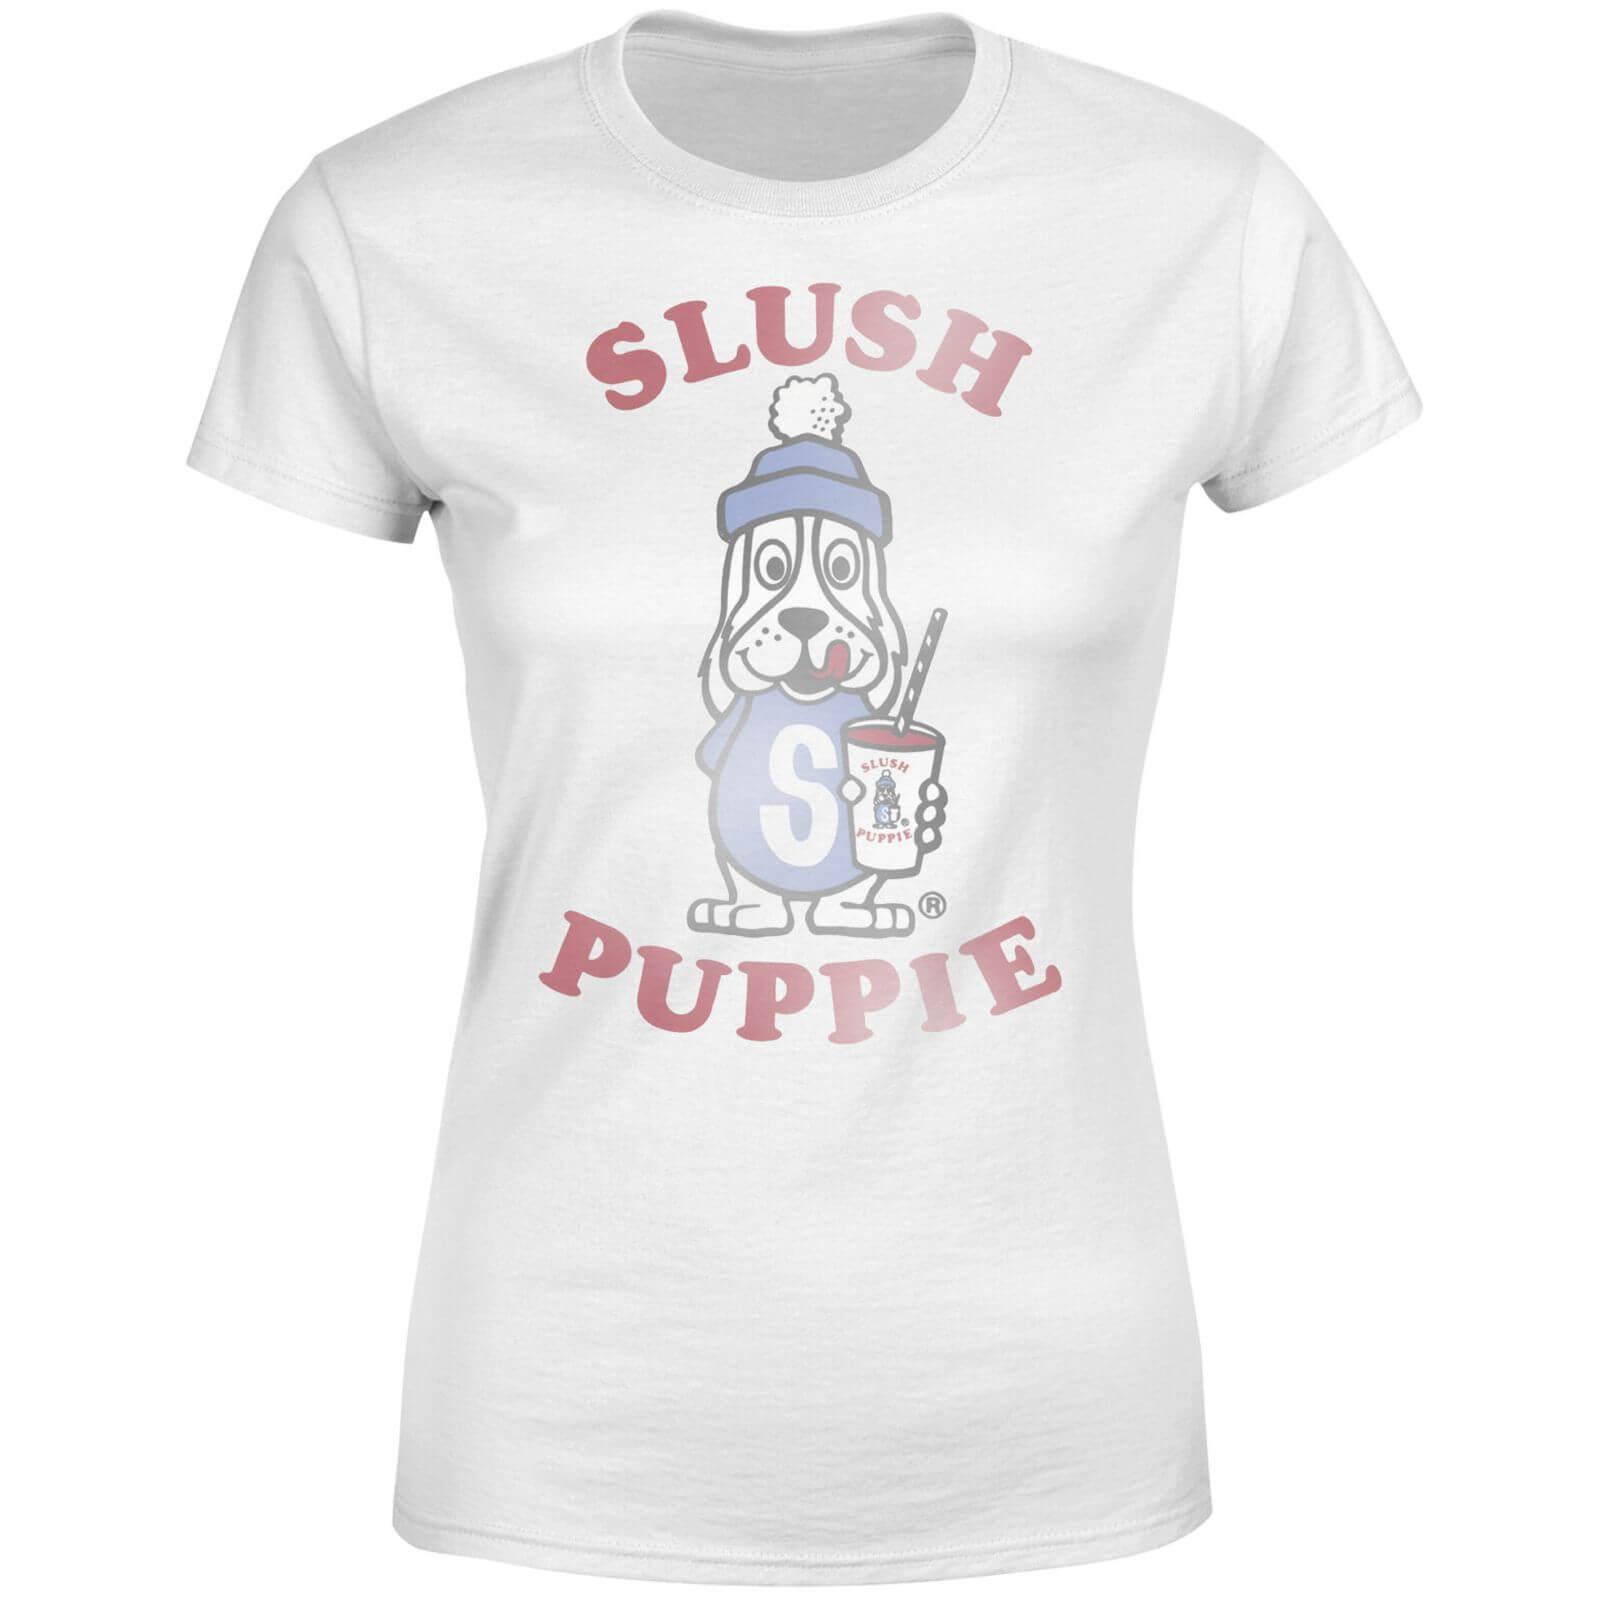 Slush Puppie Slush Puppie Women's T-Shirt - White - XS - White